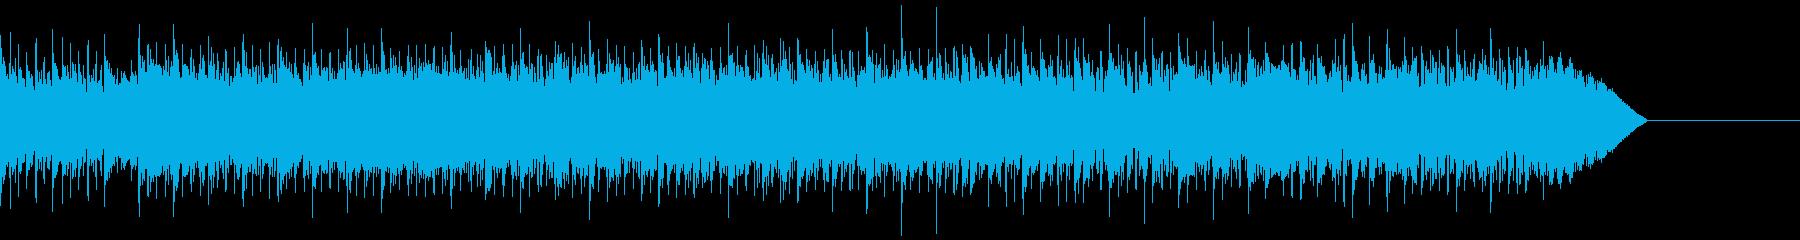 15秒の短いスピードメタル系ドラムソロの再生済みの波形